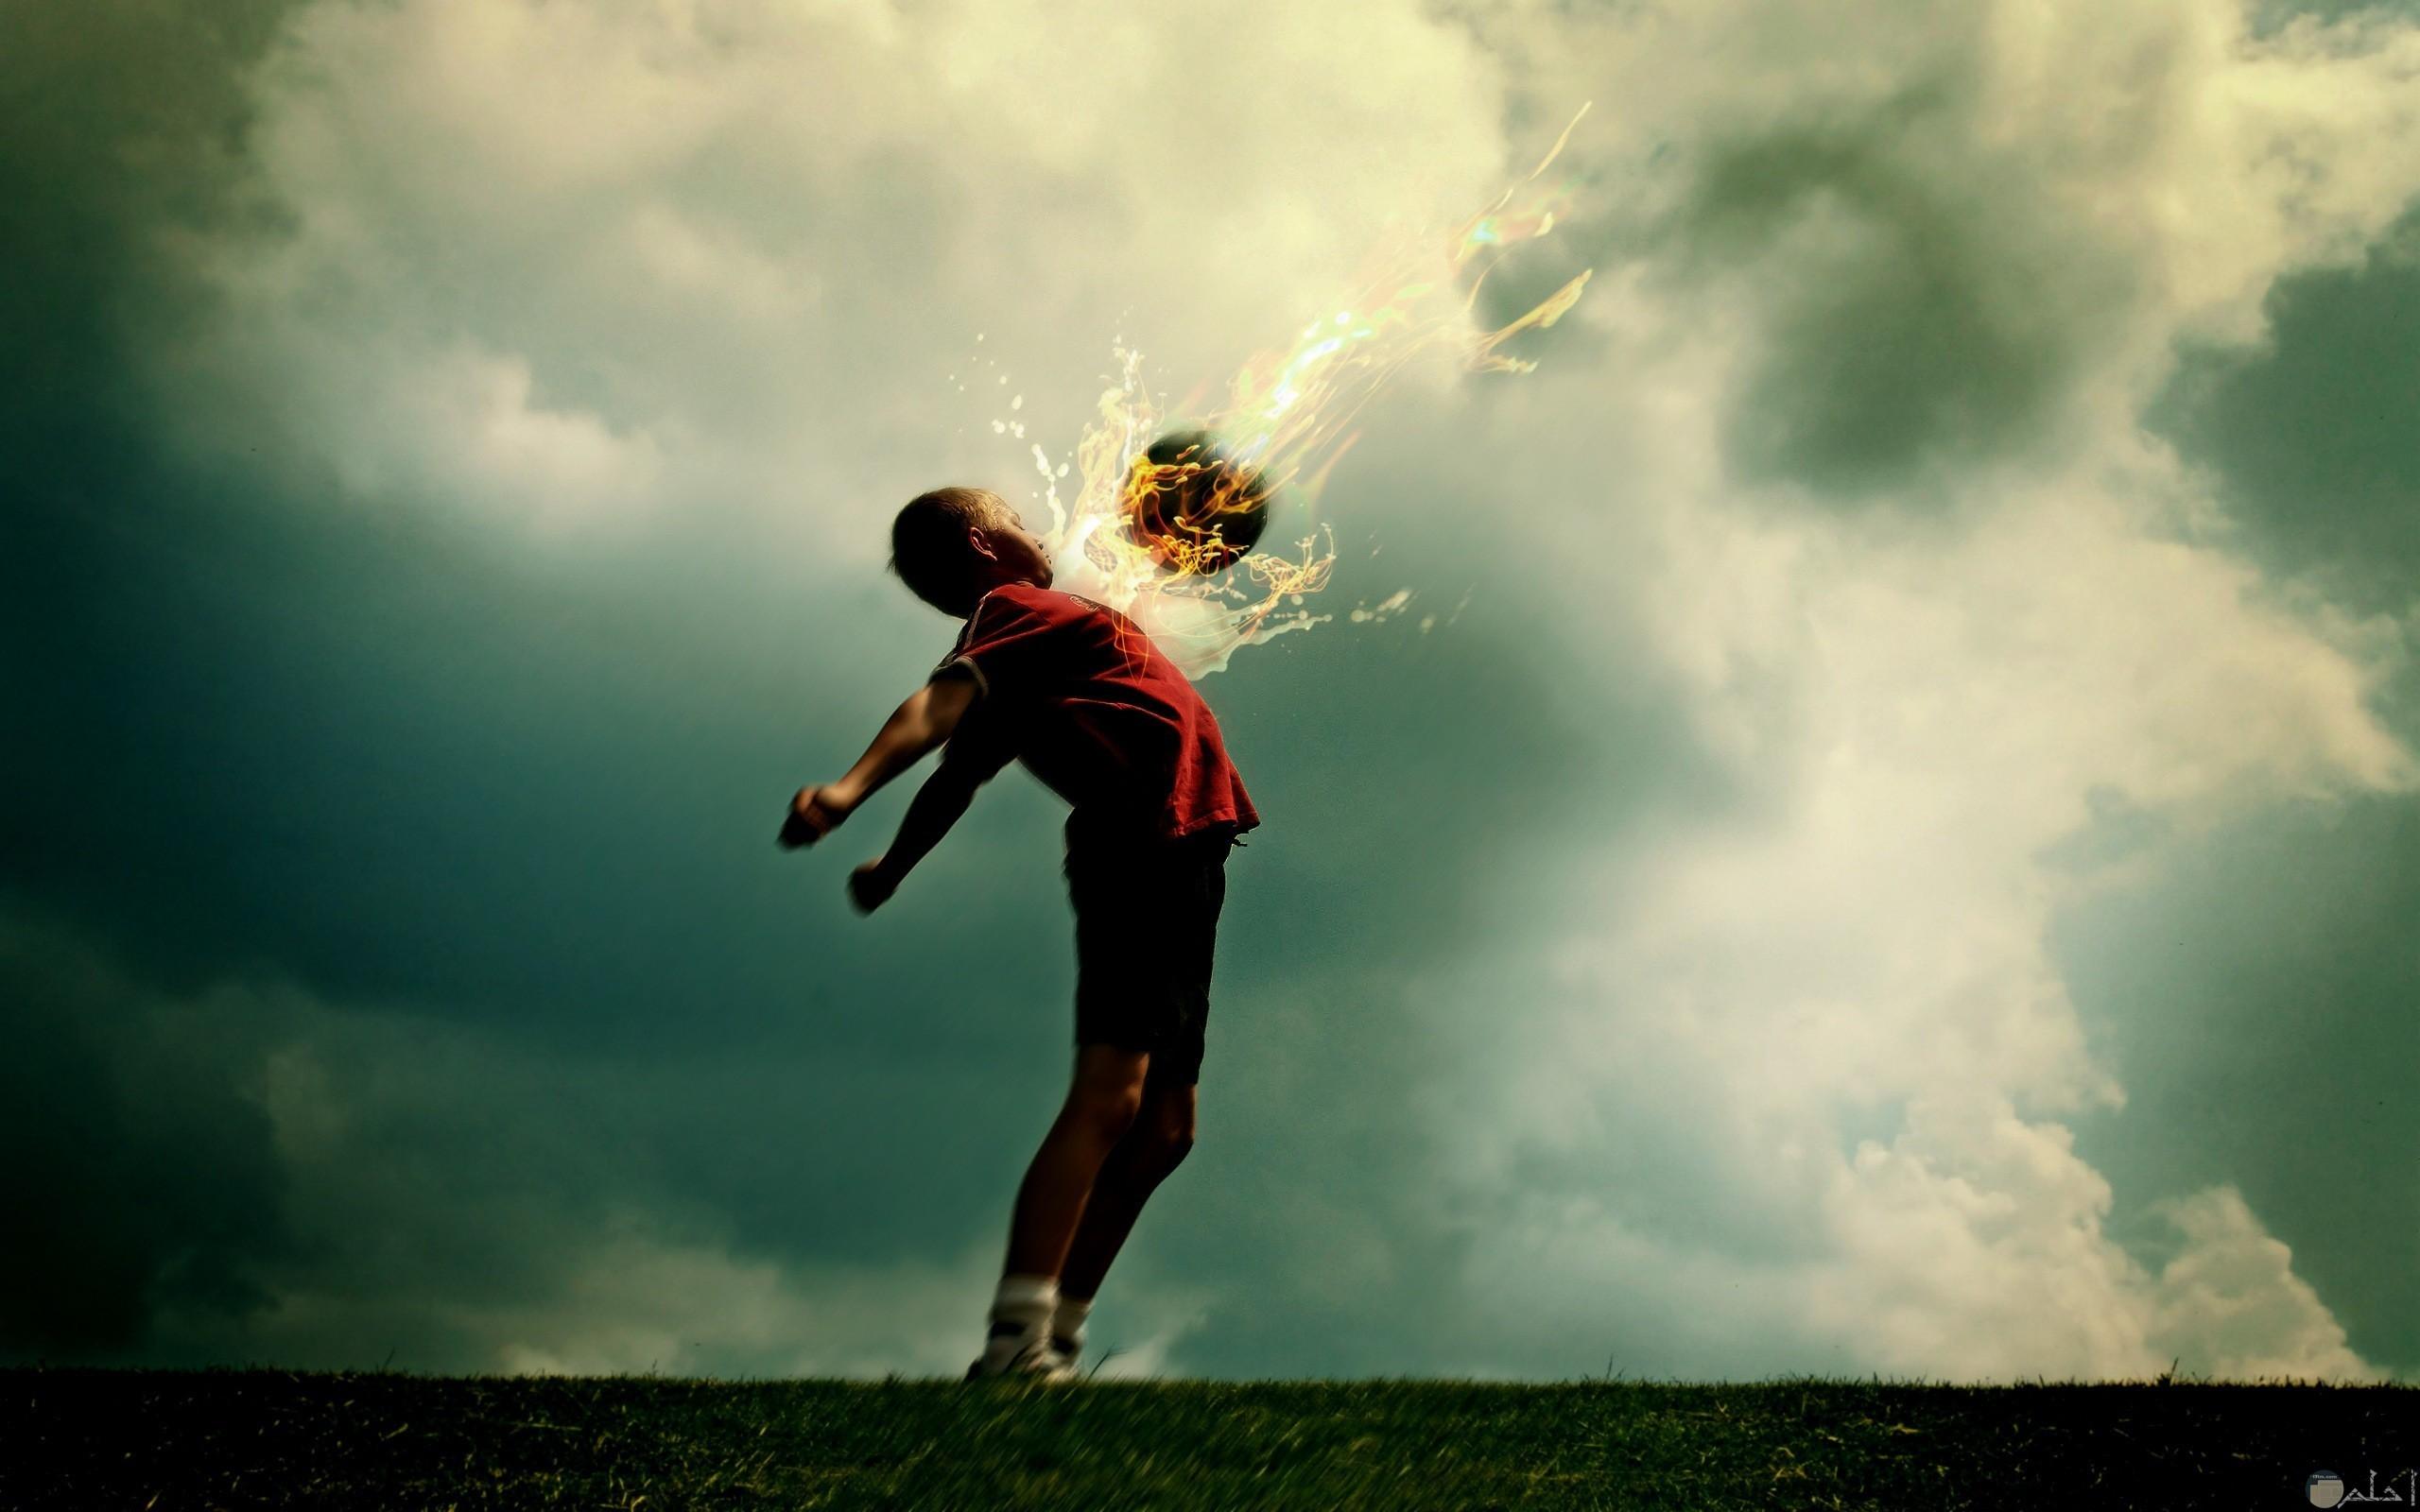 طاقة اللاعب كنار تخرج من جسده _ لعشاق كرة القدم.